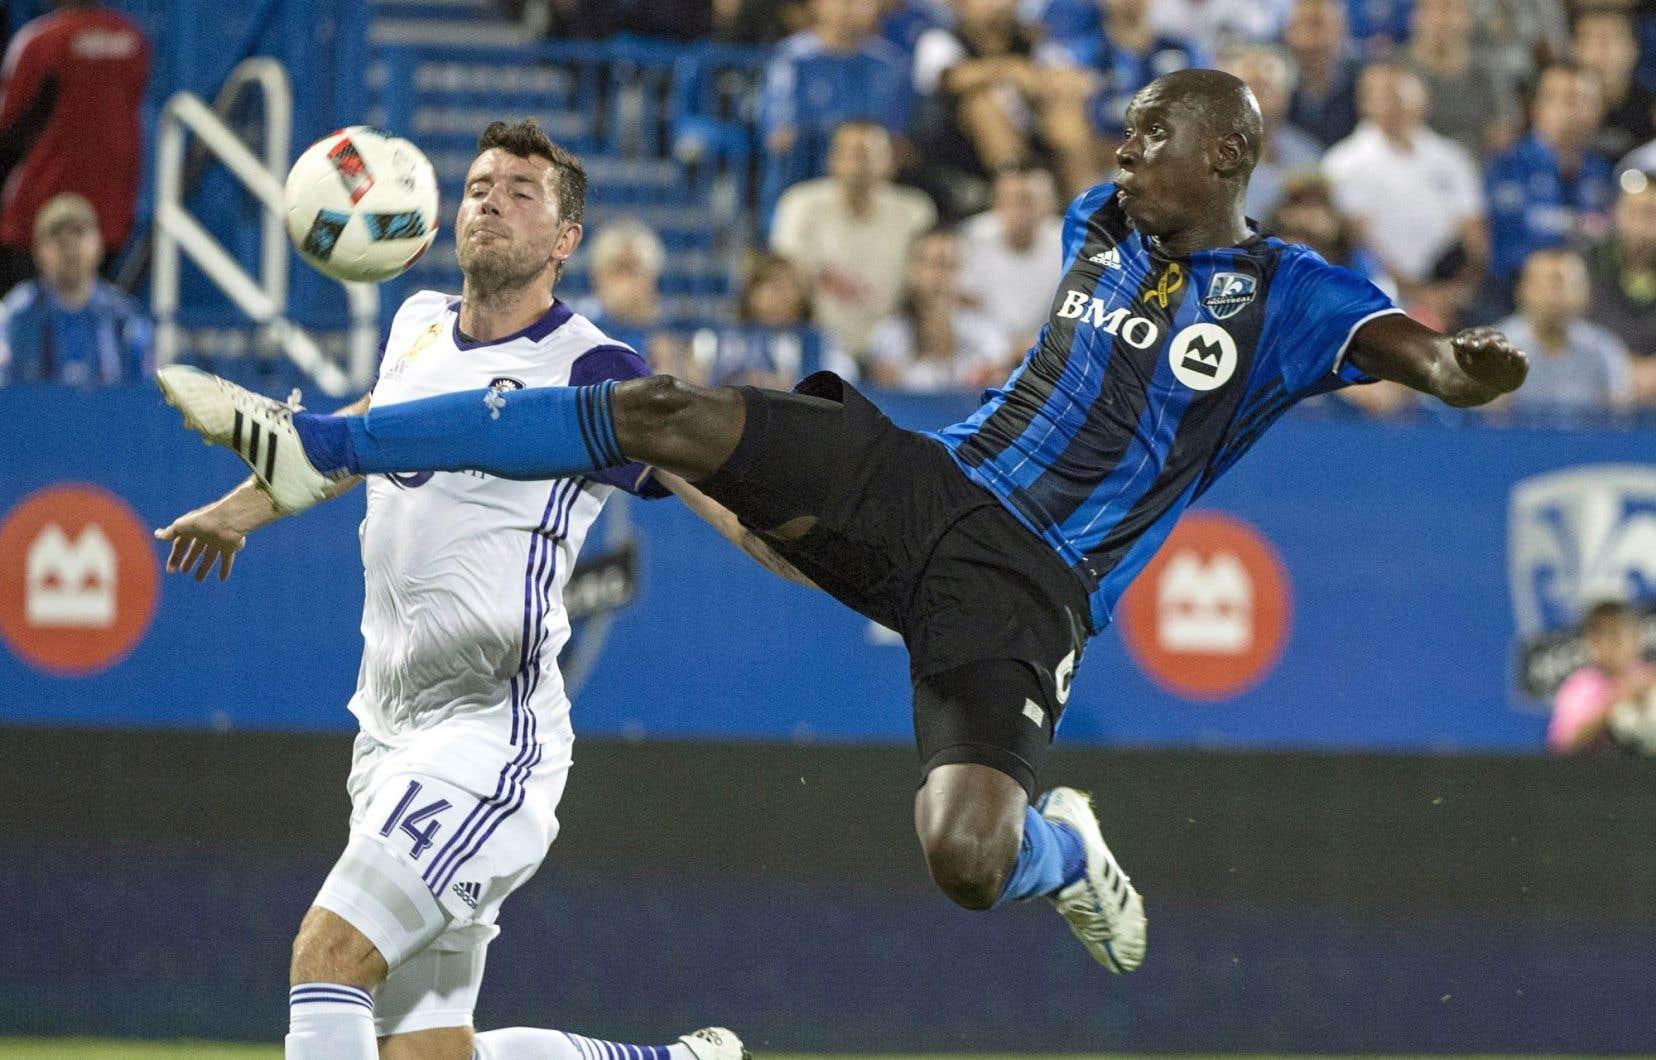 L'Impact de Montréal a amorcé la dernière portion de la saison avec un énorme faux pas, encaissant un cuisant revers de 4-1 face à l'Orlando City SC, mercredi, au stade Saputo.